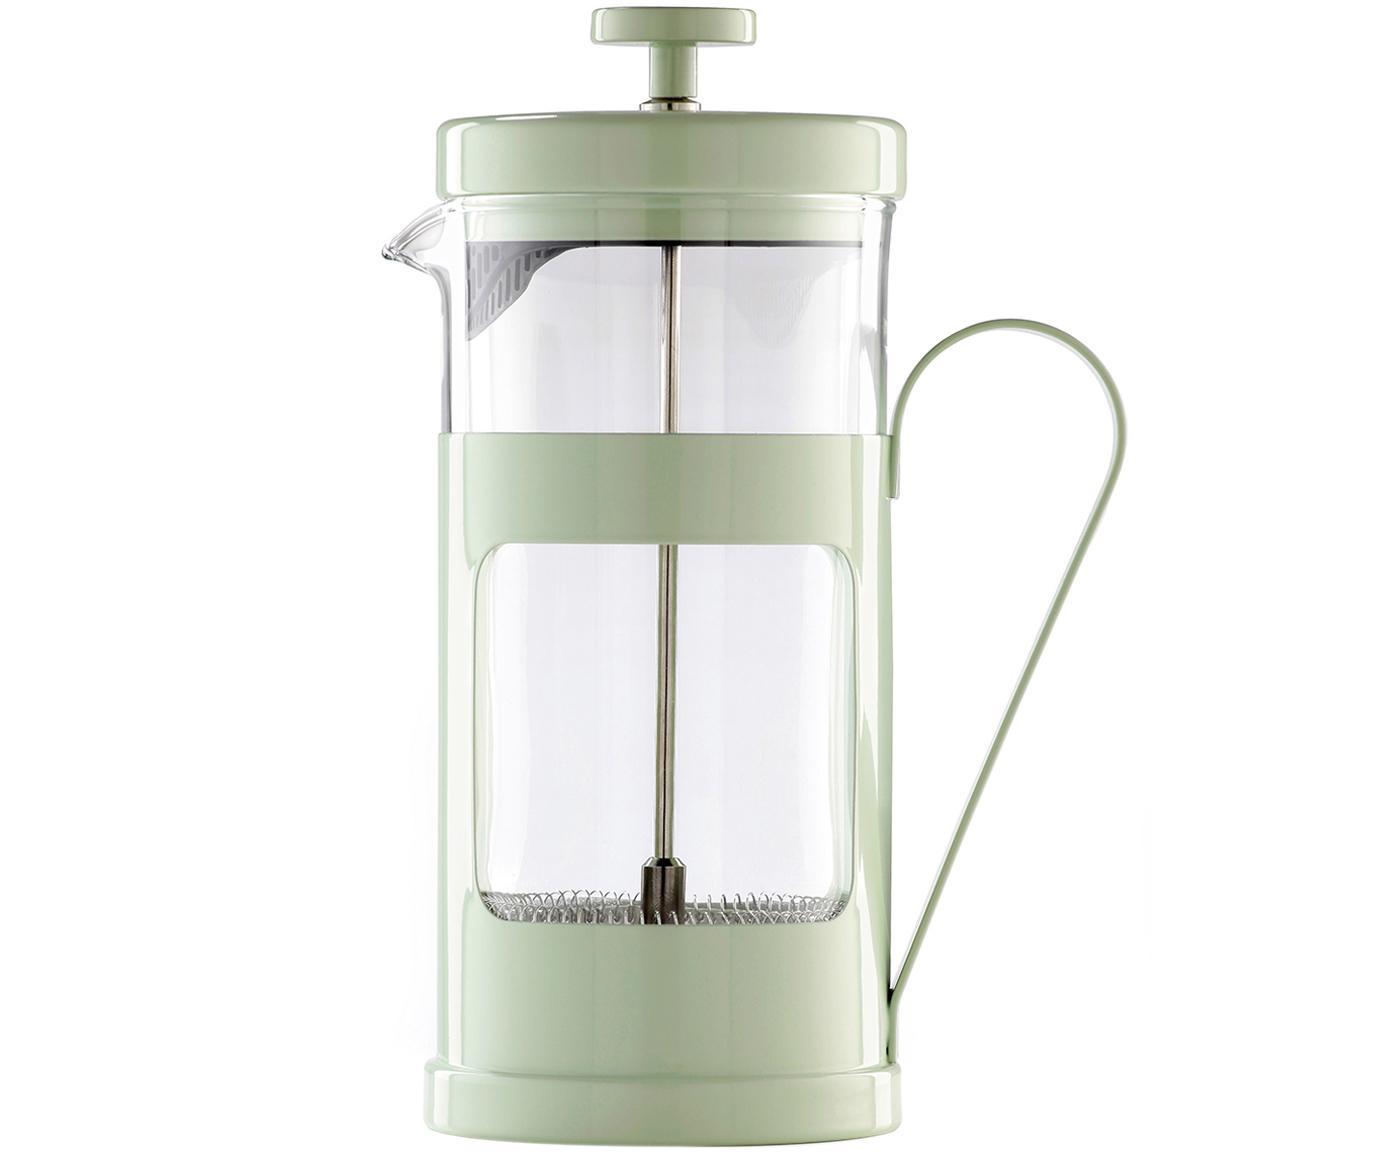 Caffettiera Monaco, Acciaio inossidabile verniciato, vetro borosilicato, Trasparente, menta, 1 l